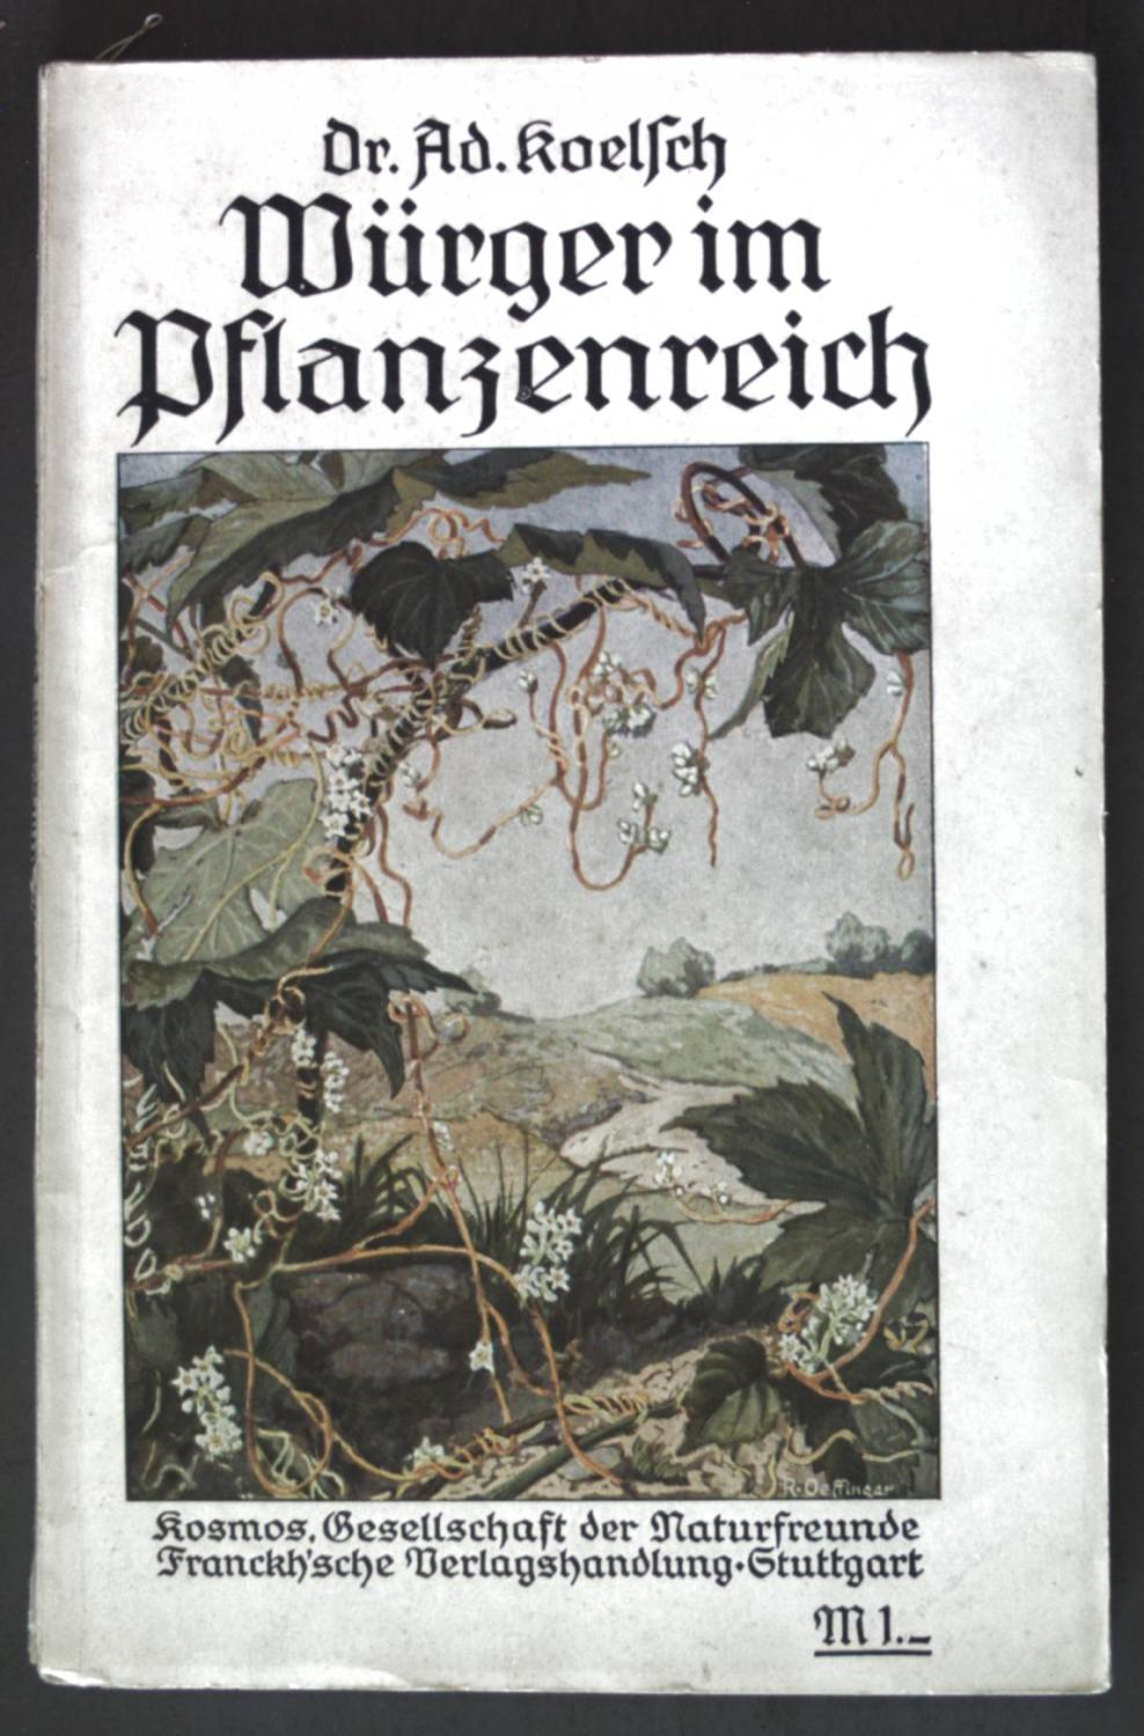 Würger im Pflanzenreich;: Koelsch, Adolf: